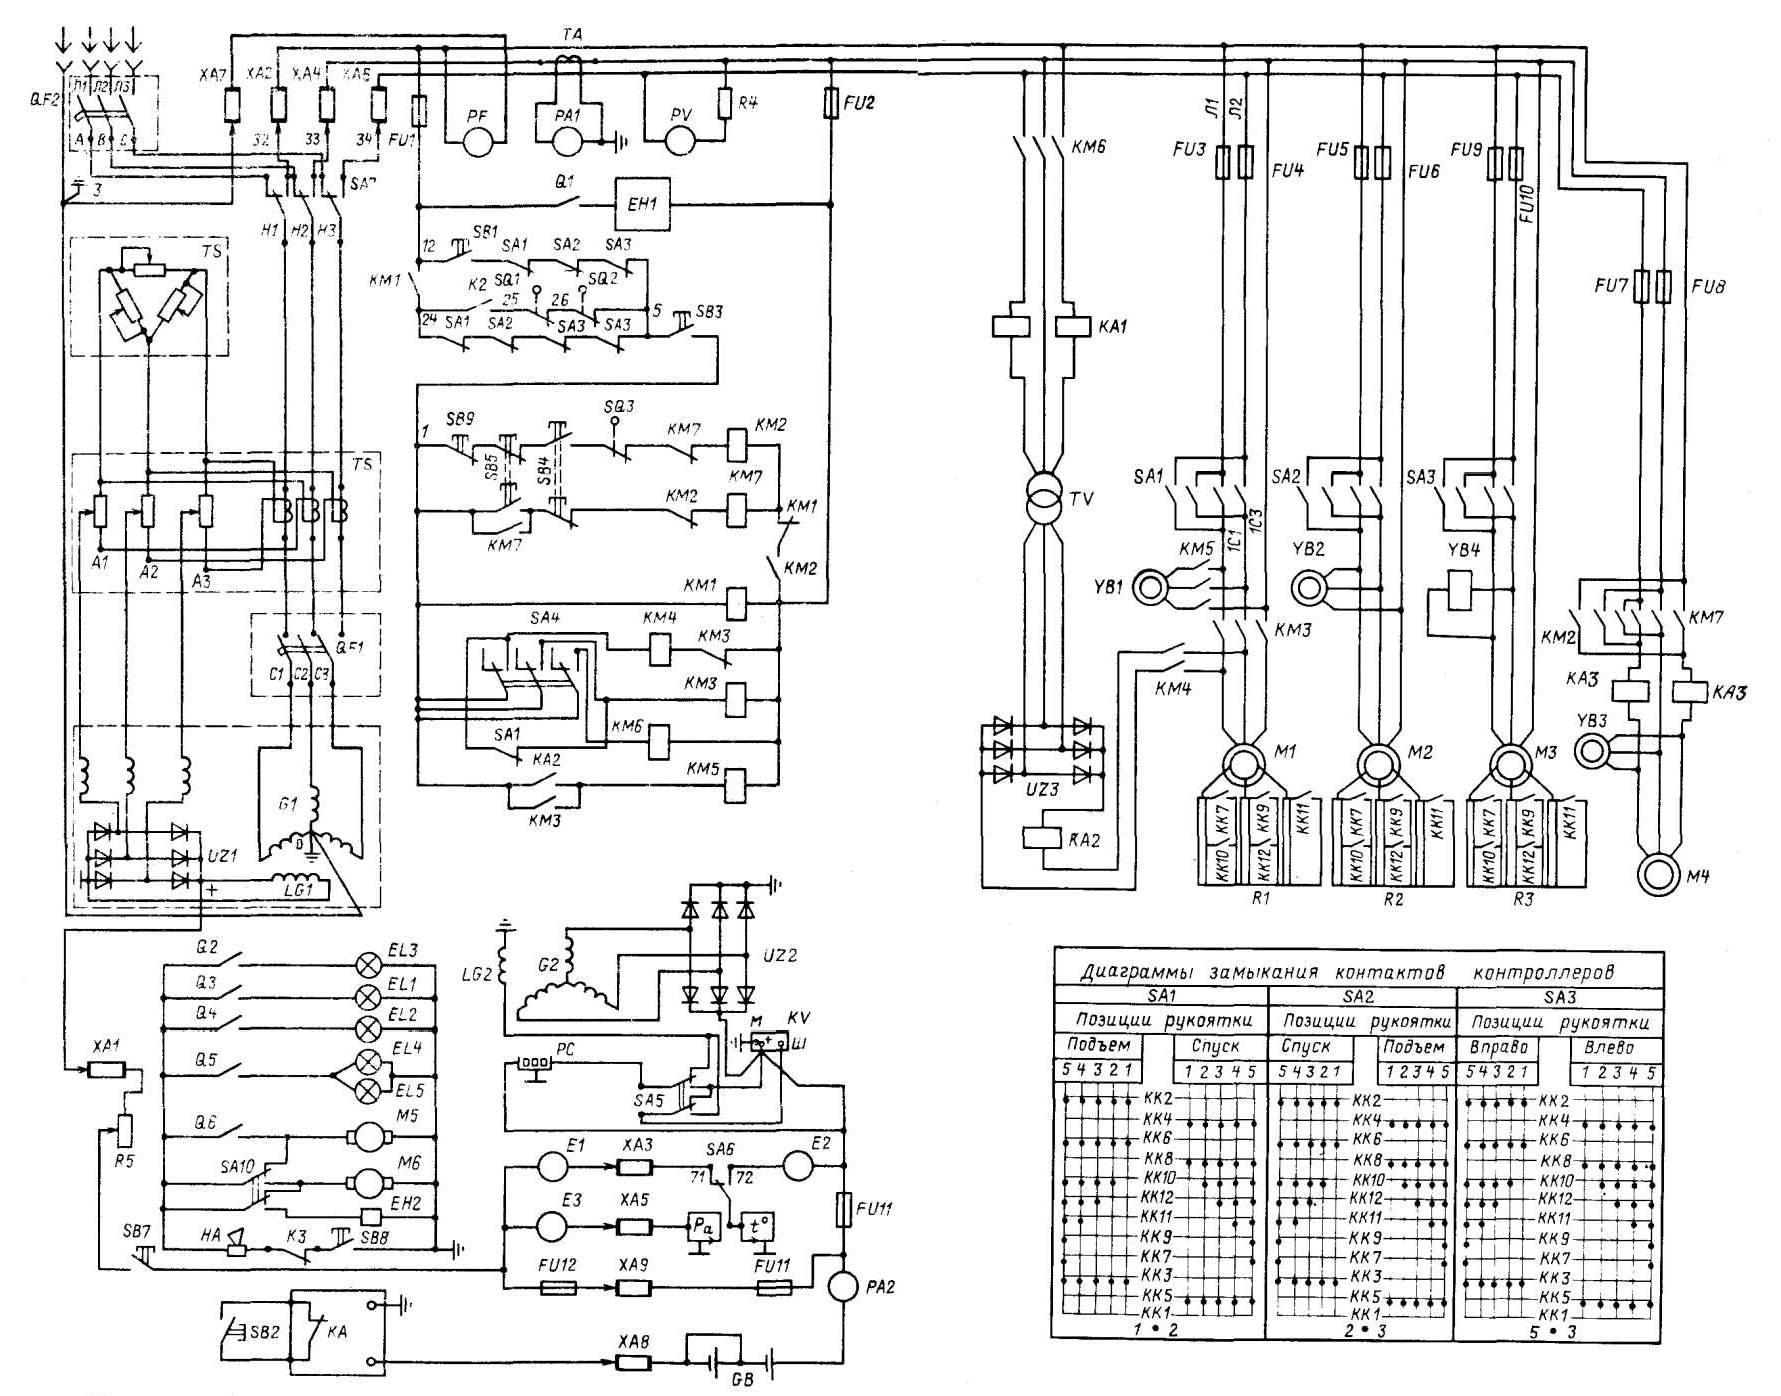 Бесплатно условные графические обозначения в однолинейных электрических схемах.